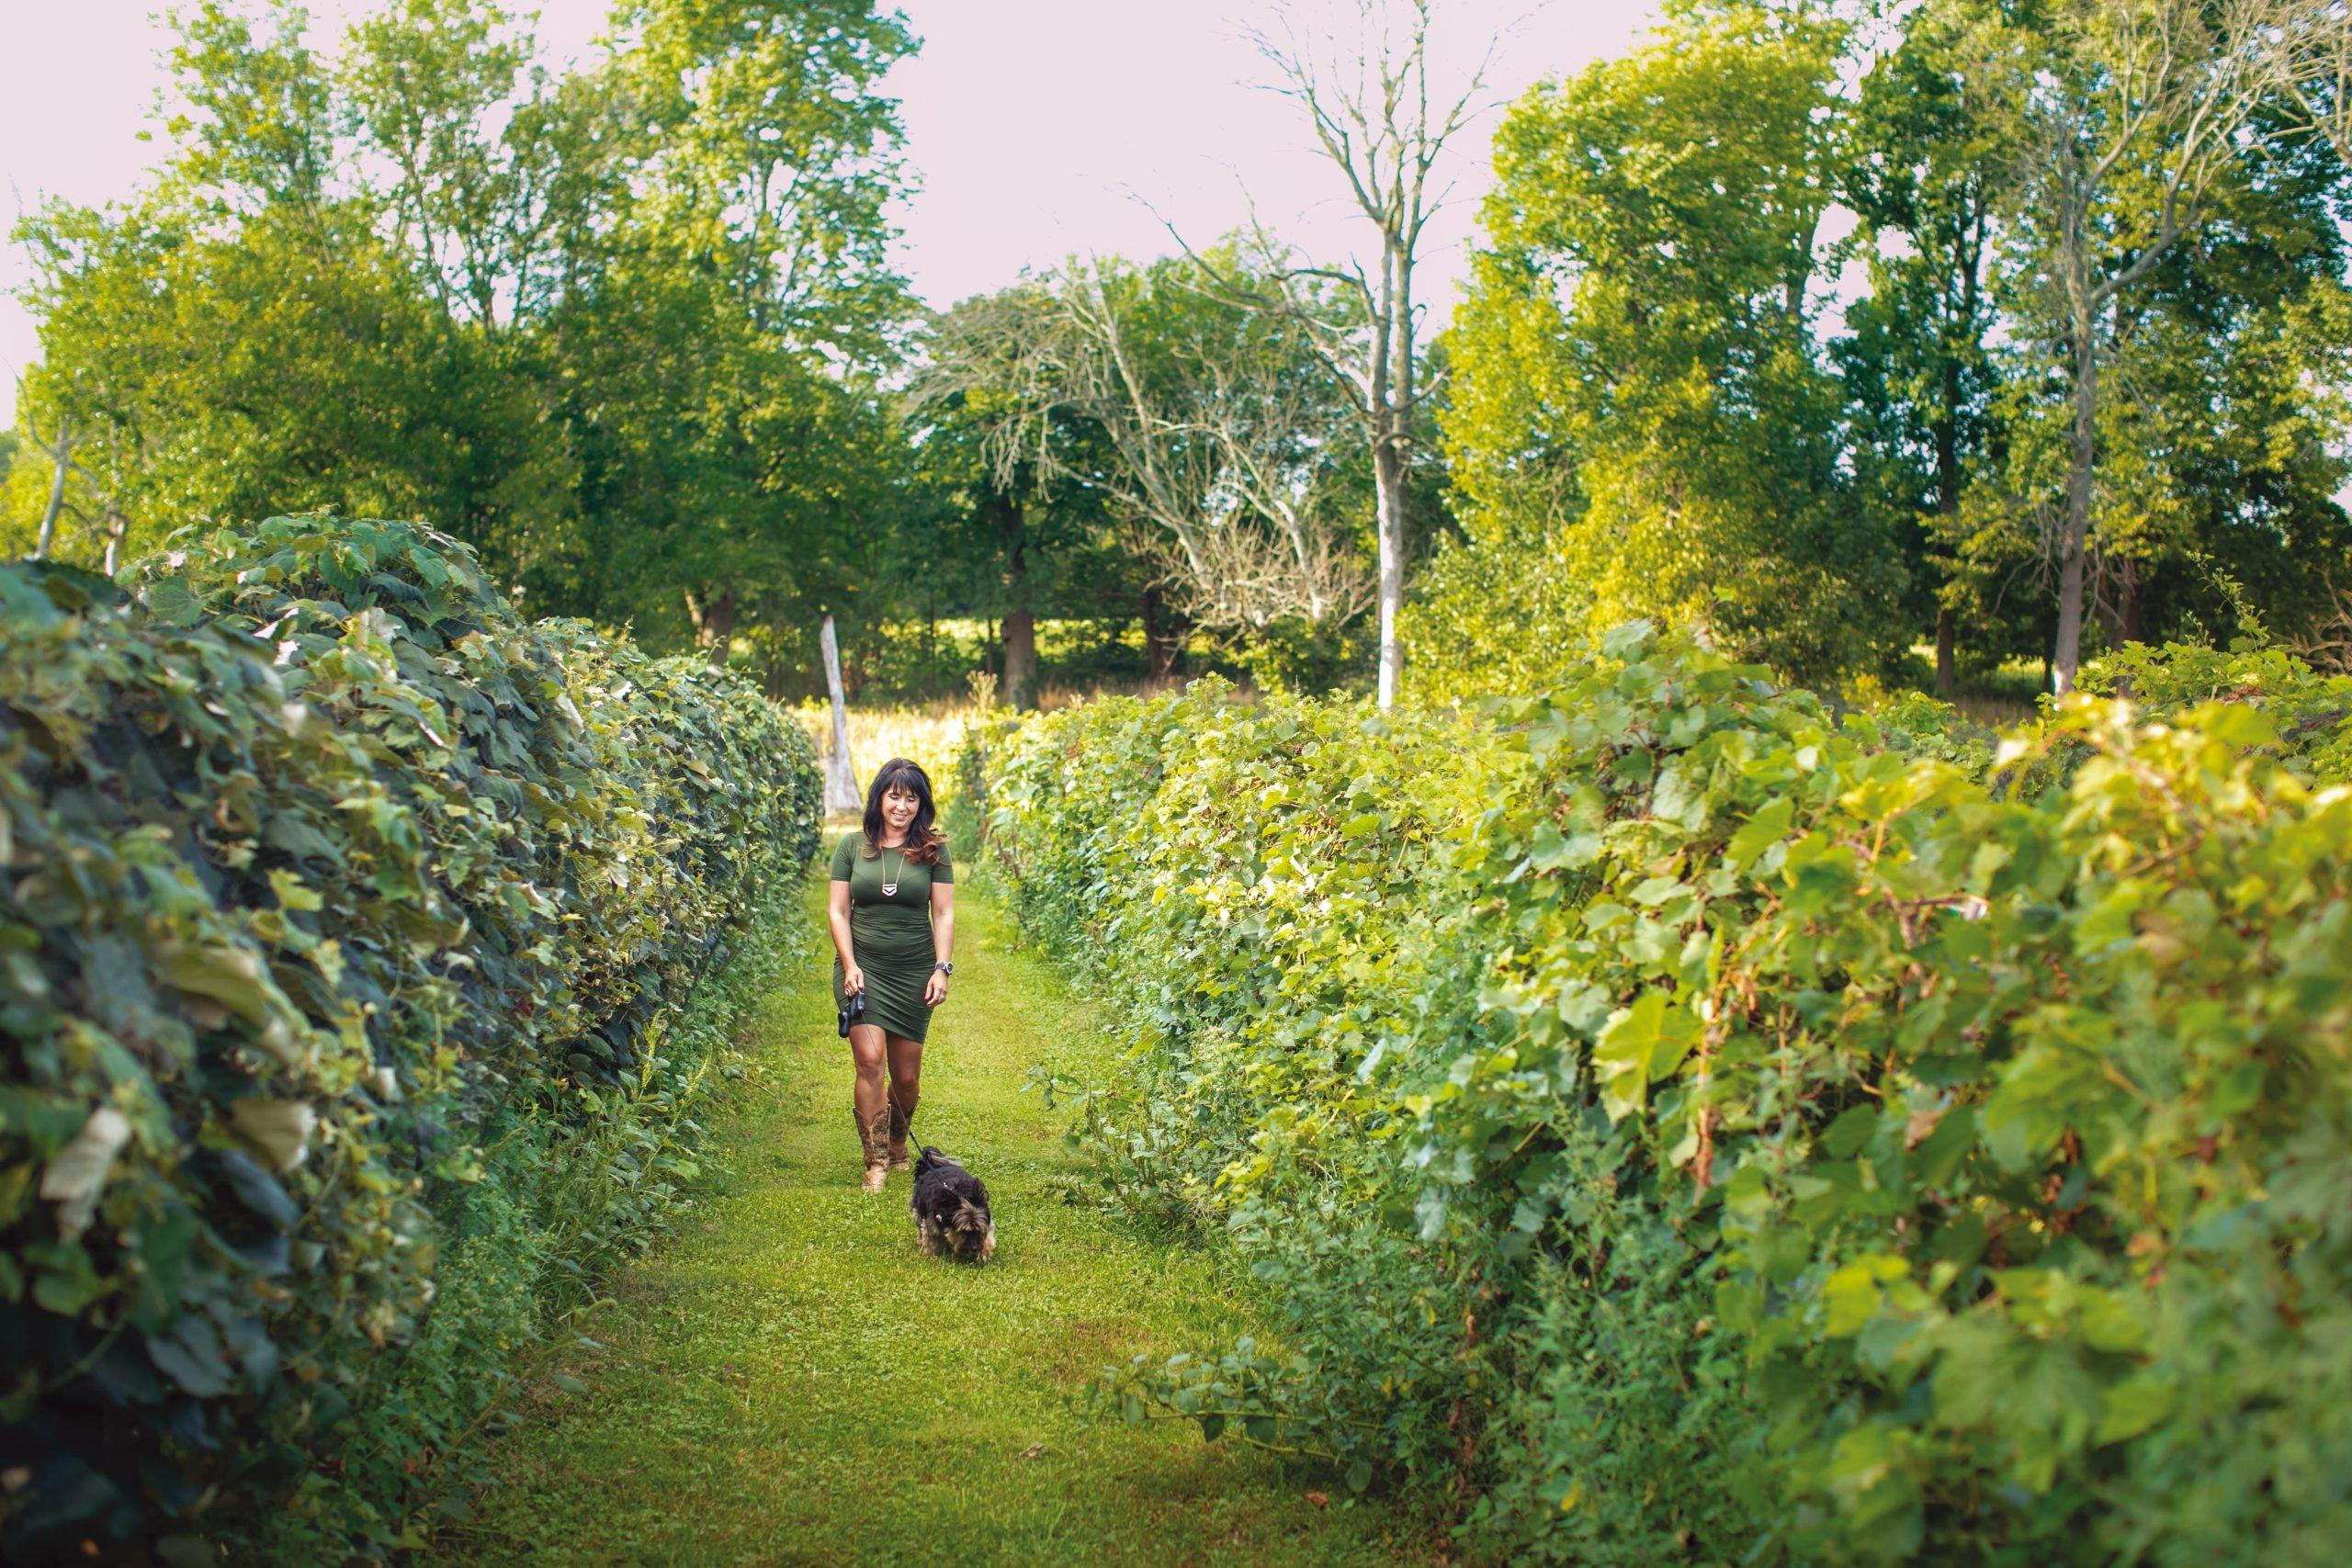 woman walking dog in winery field